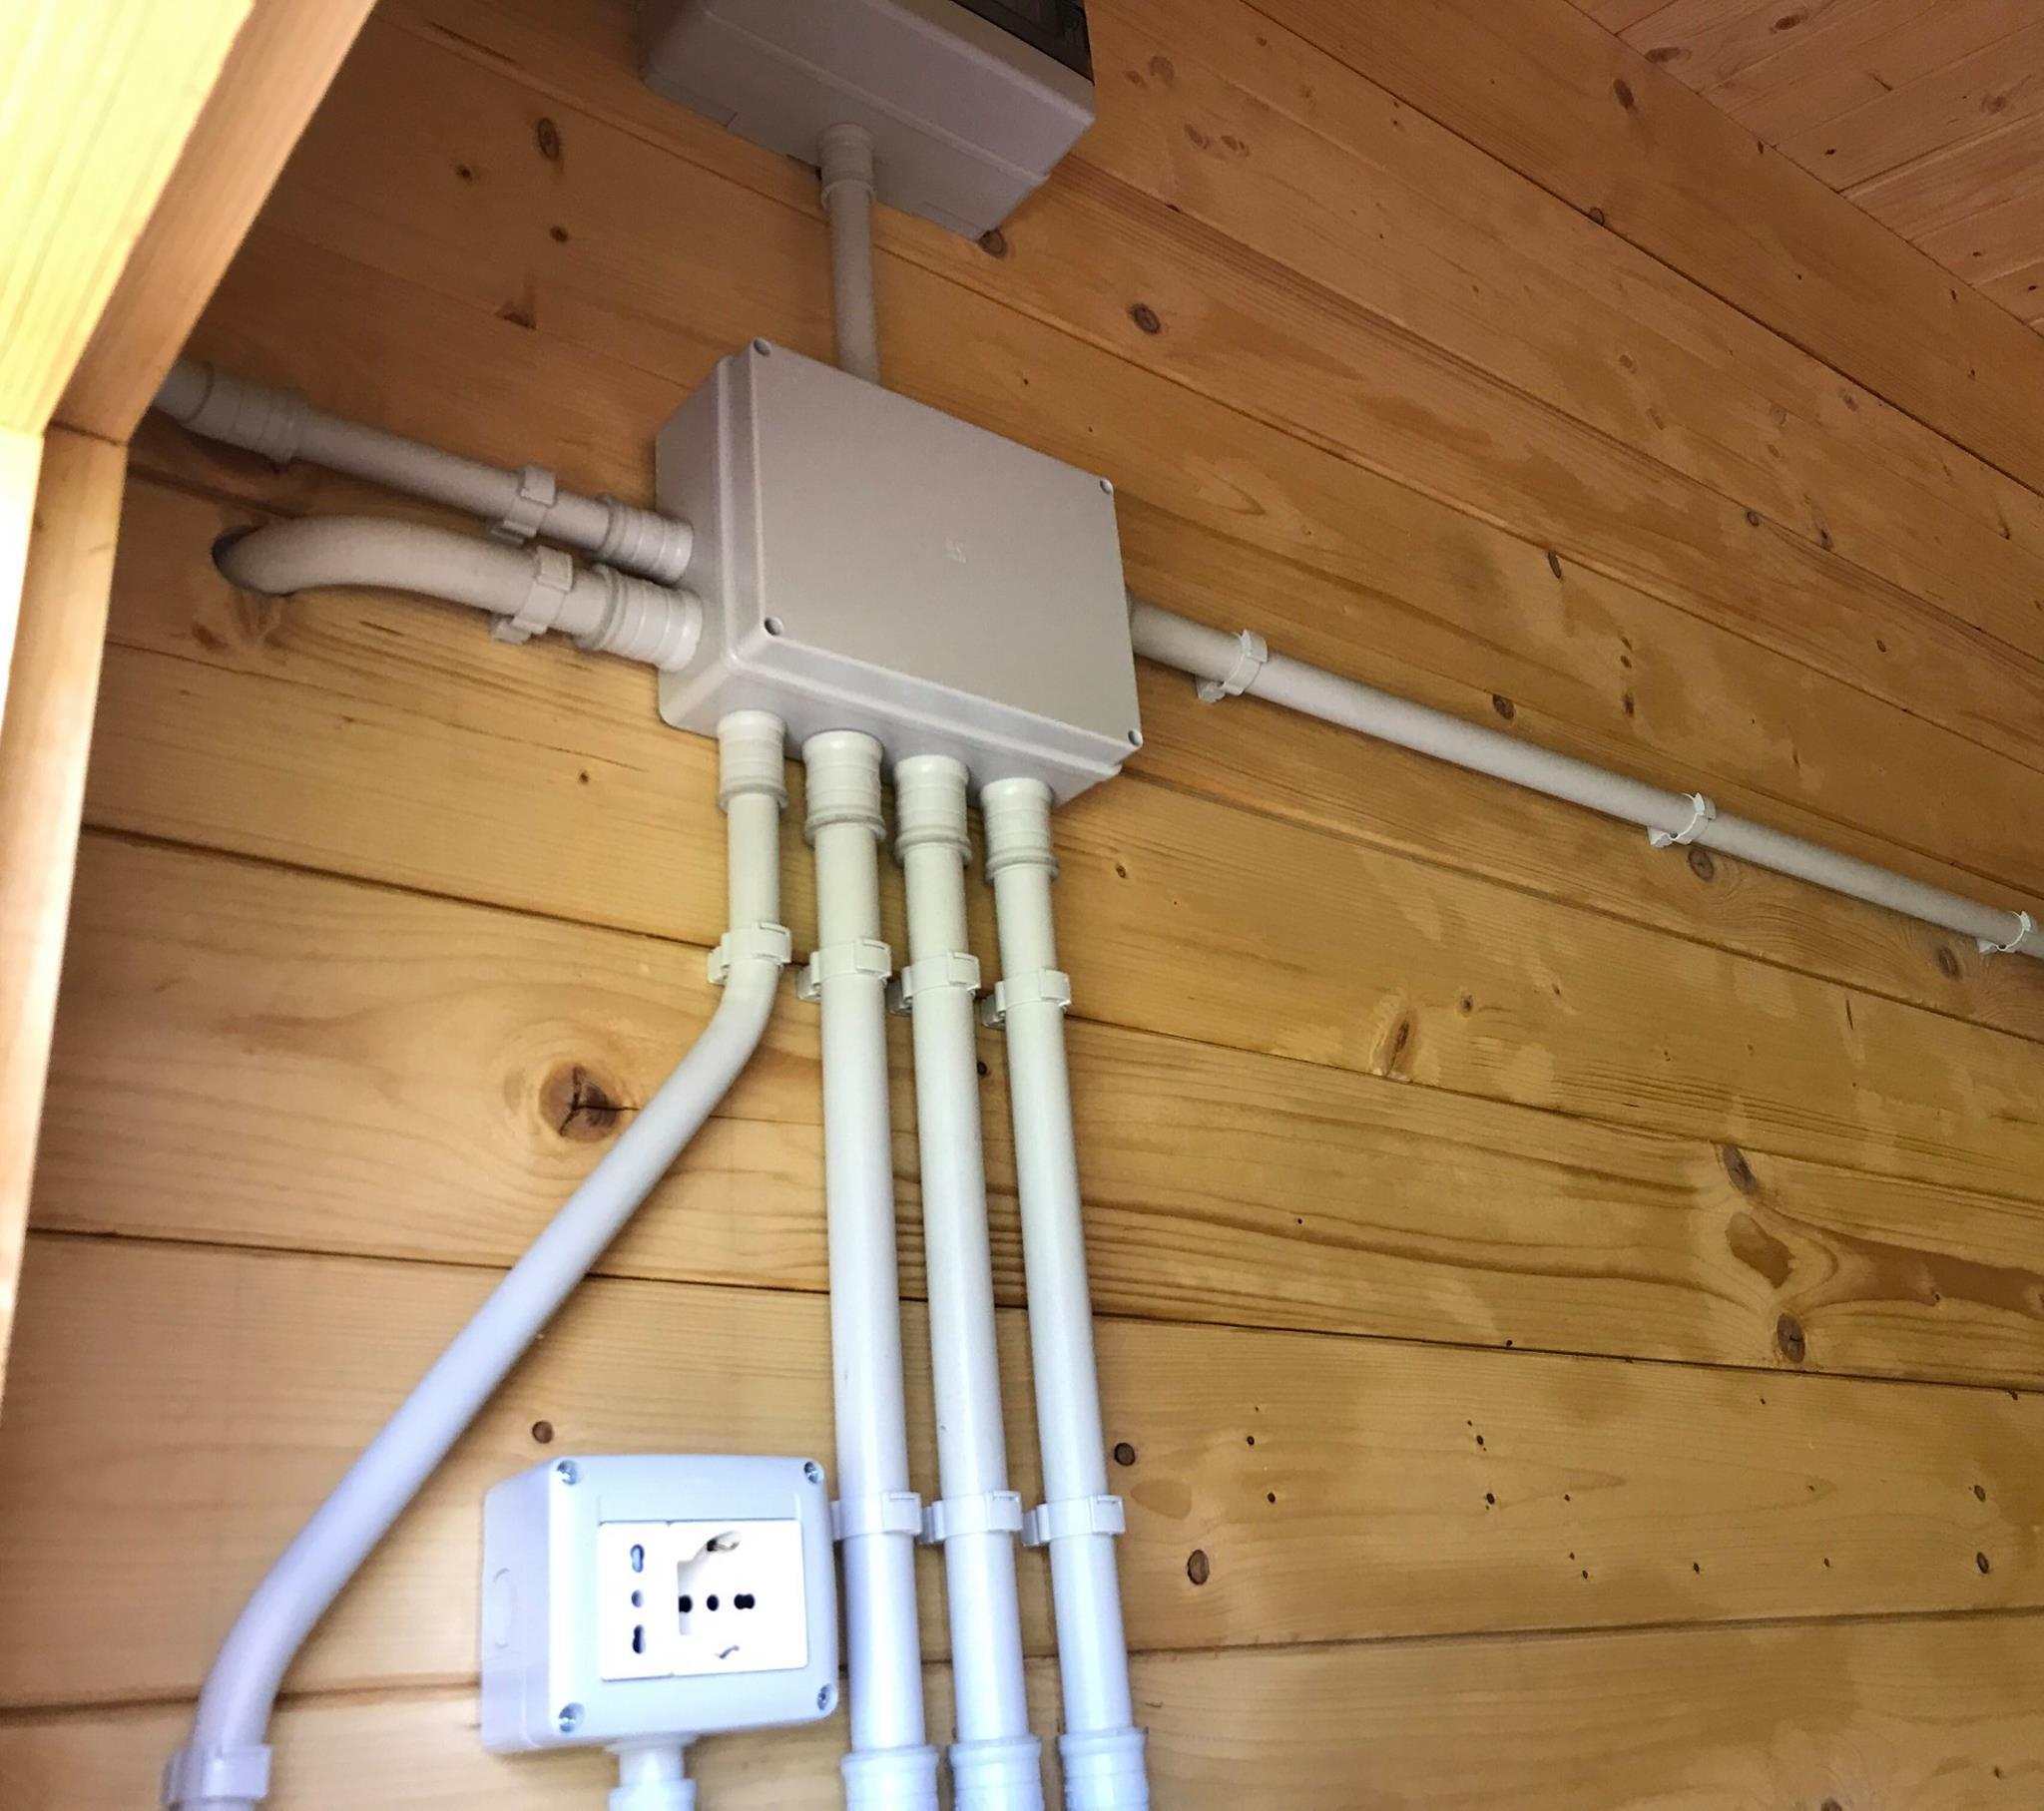 Artigianelettric impianto elettrico in una casetta di legno for Impianto elettrico casa in legno